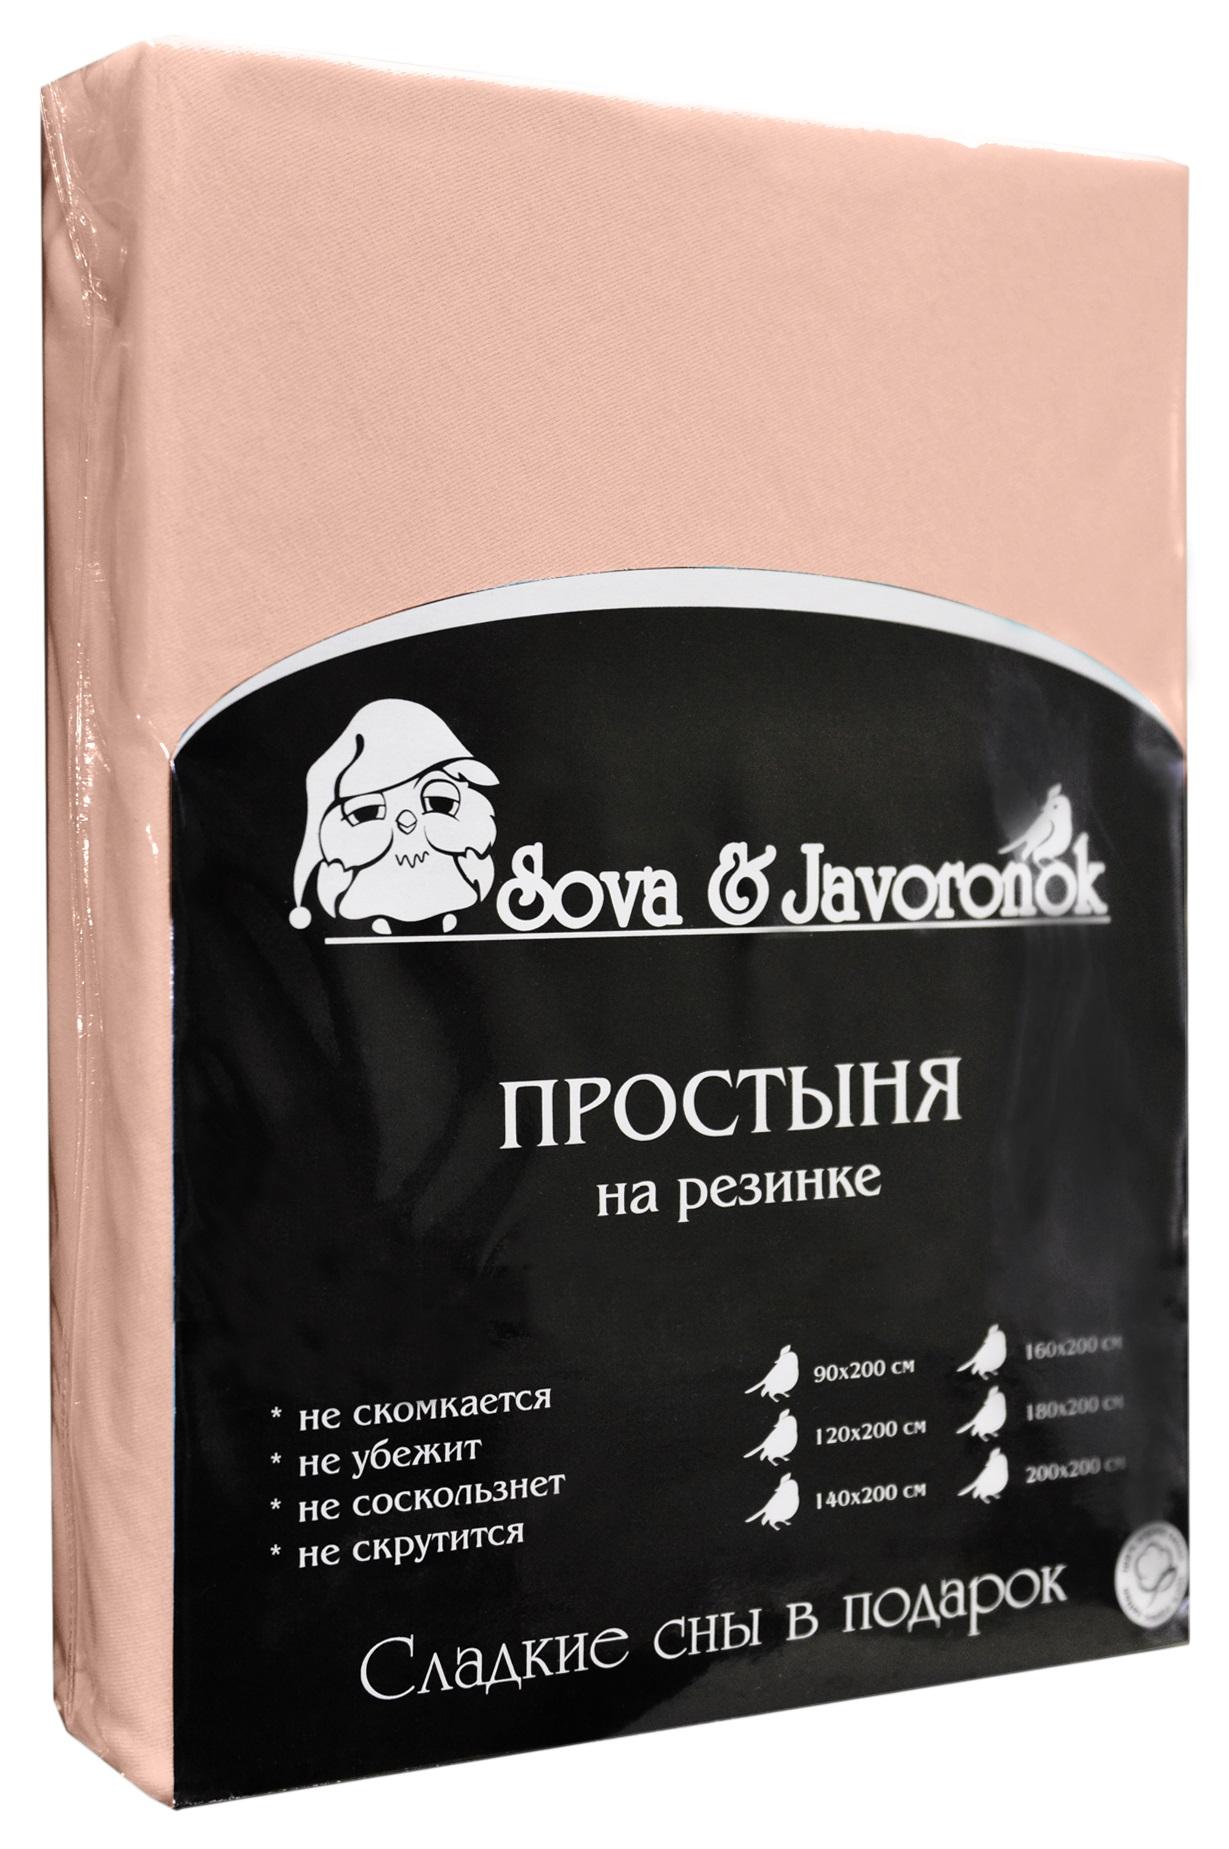 Простыня на резинке Sova & Javoronok, цвет: персиковый, 180 см х 200 см0803113697Простыня на резинке Sova & Javoronok, изготовленная из трикотажной ткани (100% хлопок), будет превосходно смотреться с любыми комплектами белья. Хлопчатобумажный трикотаж по праву считается одним из самых качественных, прочных и при этом приятных на ощупь. Его гигиеничность позволяет использовать простыню и в детских комнатах, к тому же 100%-ый хлопок в составе ткани не вызовет аллергии. У трикотажного полотна очень интересная структура, немного рыхлая за счет отсутствия плотного переплетения нитей и наличия особых петель, благодаря этому простыня Сова и Жаворонок отлично пропускает воздух и способствует его постоянной циркуляции. Поэтому ваша постель будет всегда оставаться свежей. Но главное и, пожалуй, самое известное свойство трикотажа - это его великолепная растяжимость, поэтому эта ткань и была выбрана для натяжной простыни на резинке. Простыня прошита резинкой по всему периметру, что обеспечивает более комфортный отдых, так как она прочно удерживается на матрасе и...